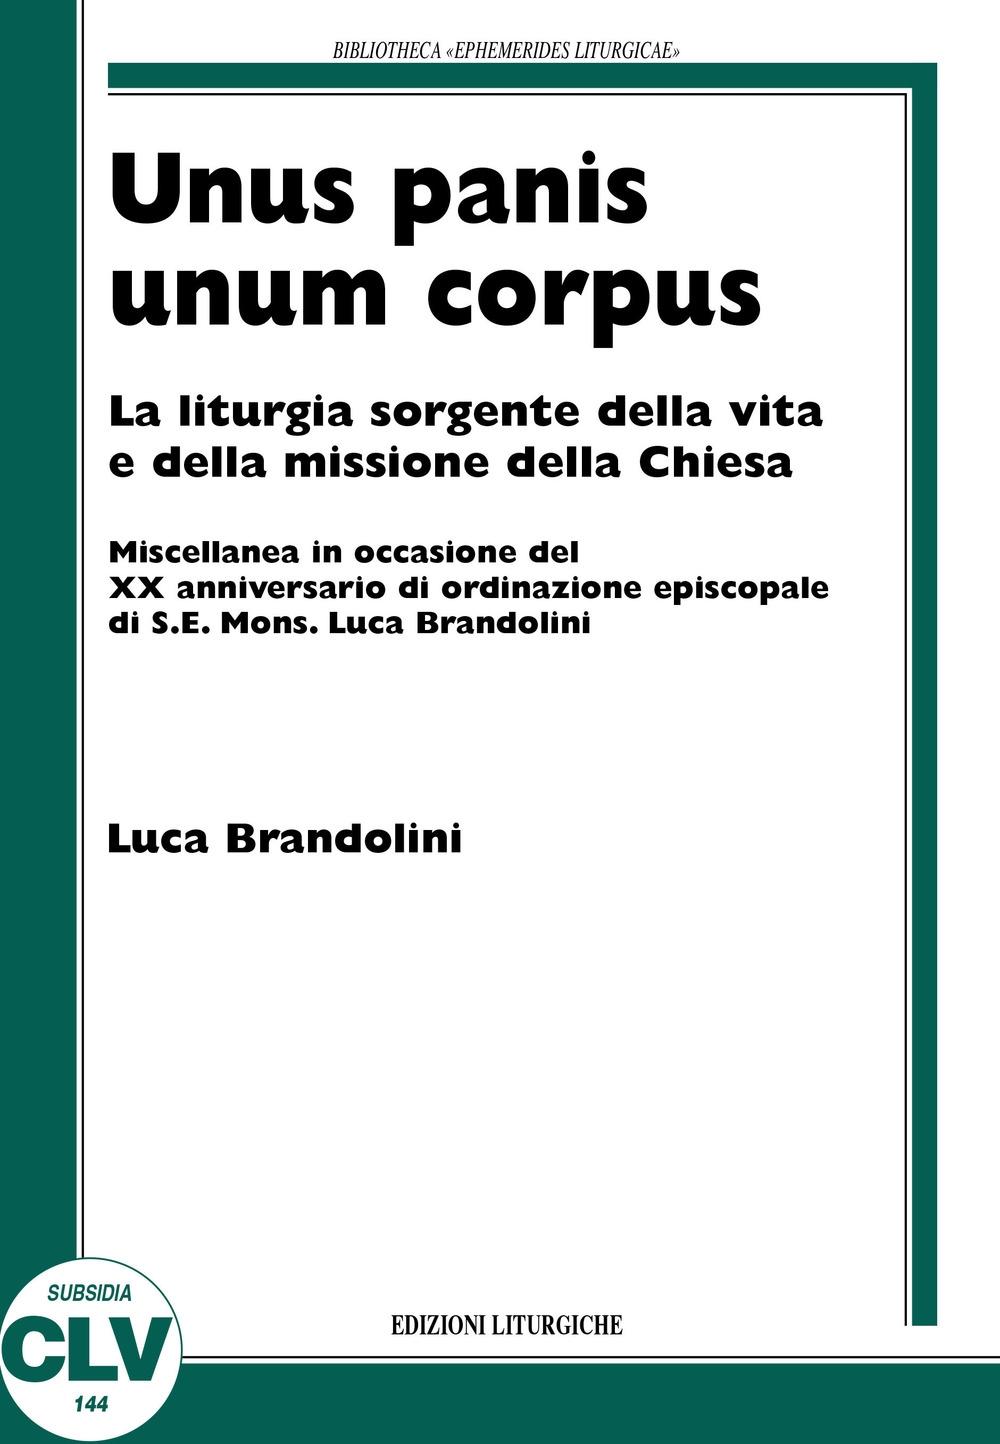 Unis panis unum corpus. La liturgia sorgente della vita e della missione della chiesa